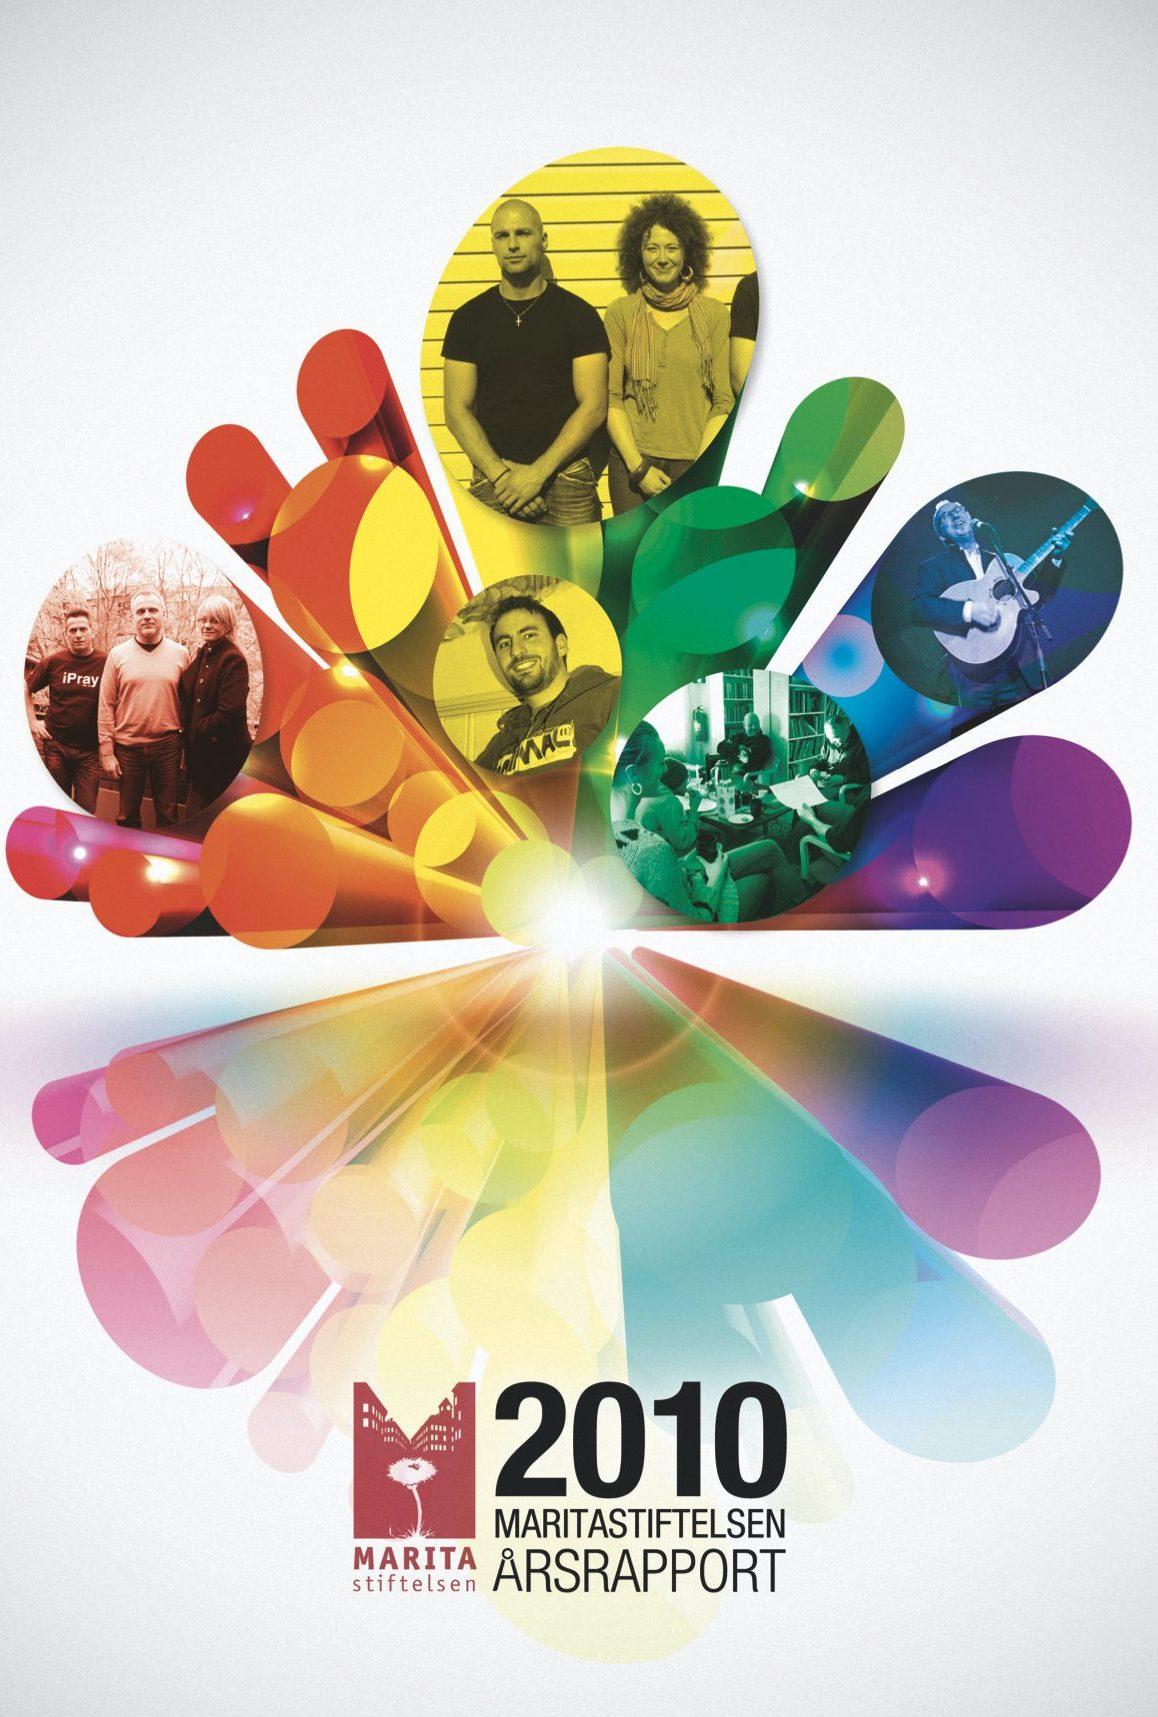 2010 Marita årsrapport